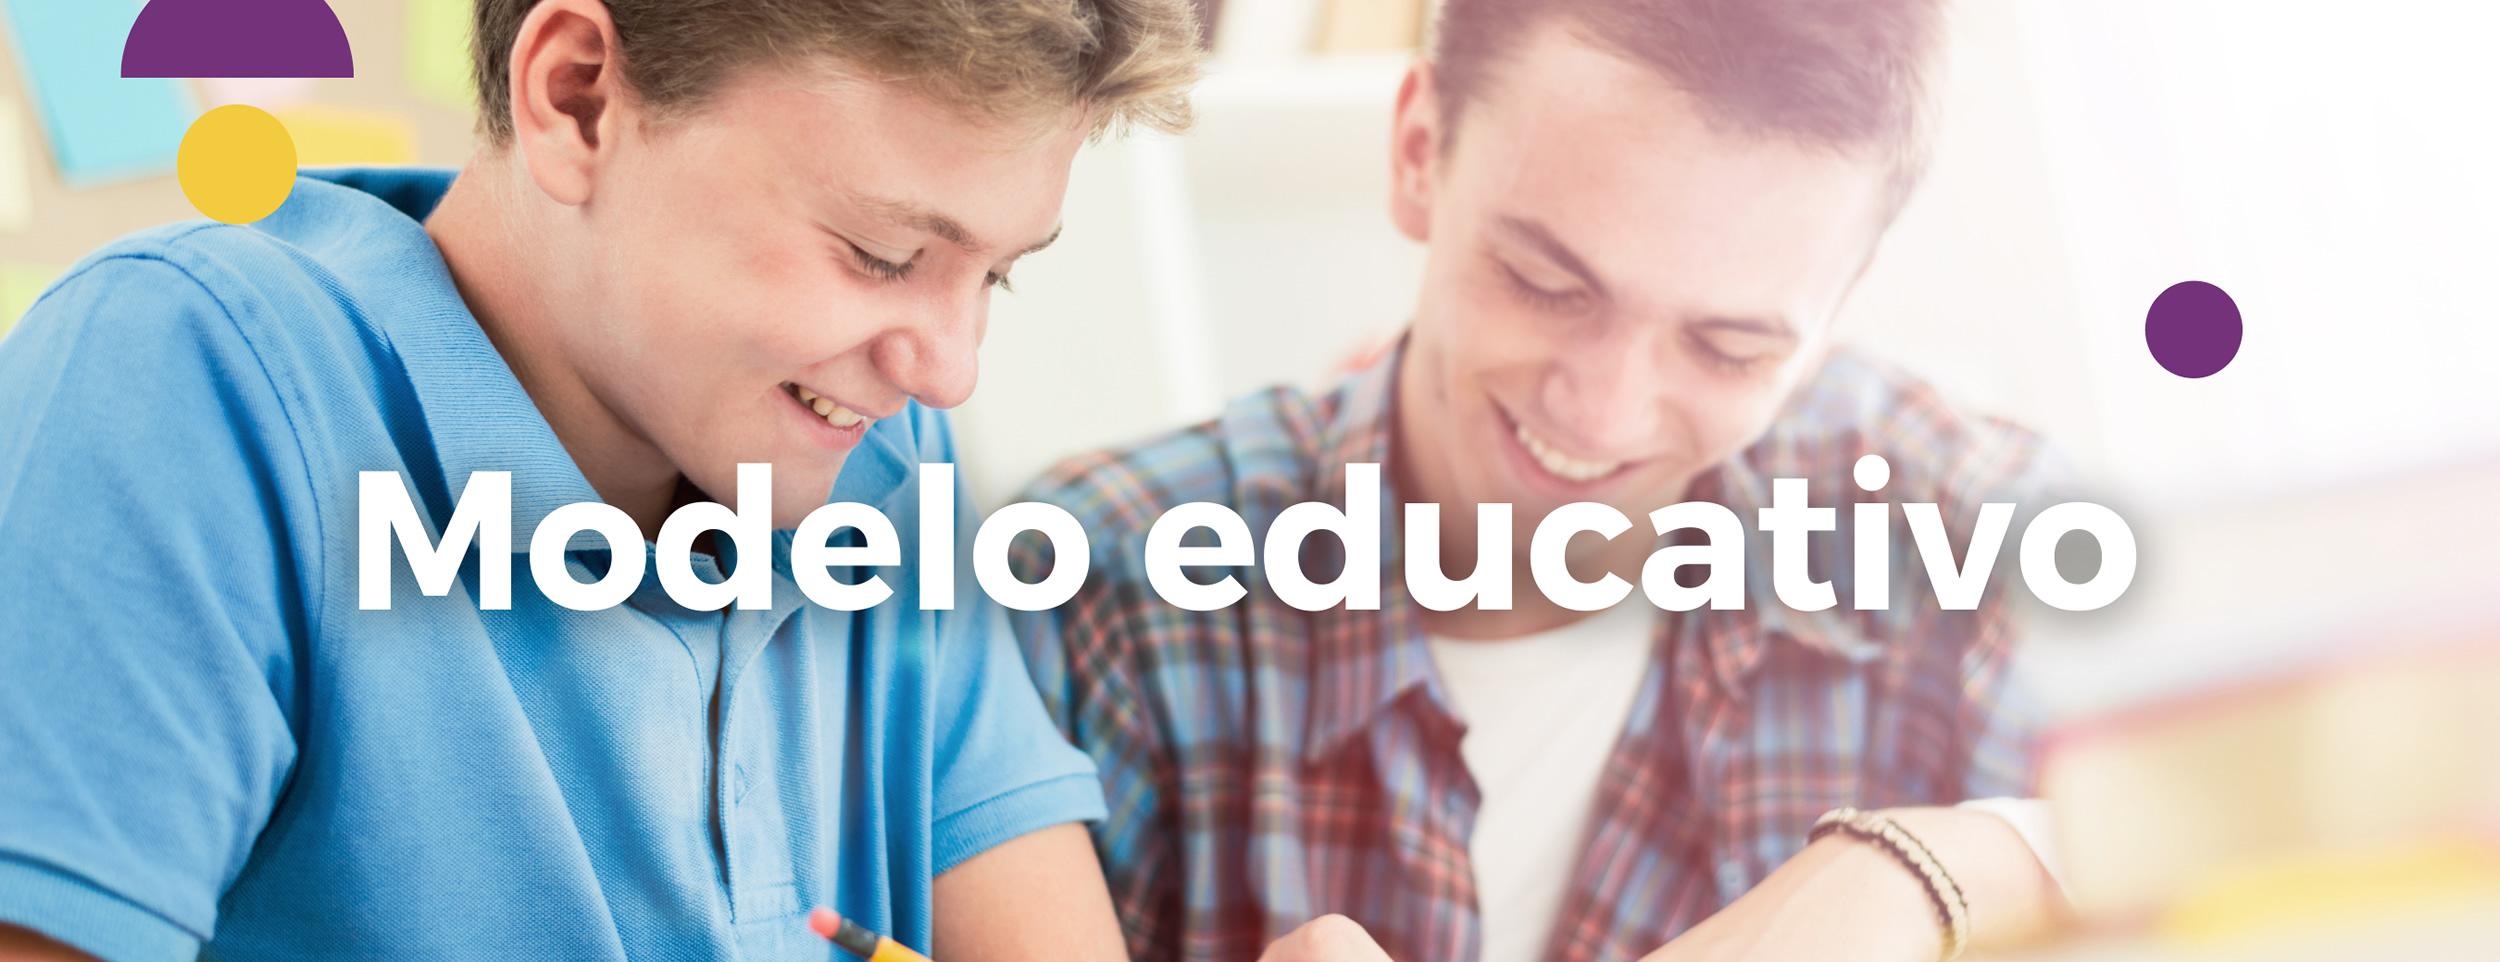 Imagen de Portada de Modelo Educativo - Chicos sonriendo y estudiando